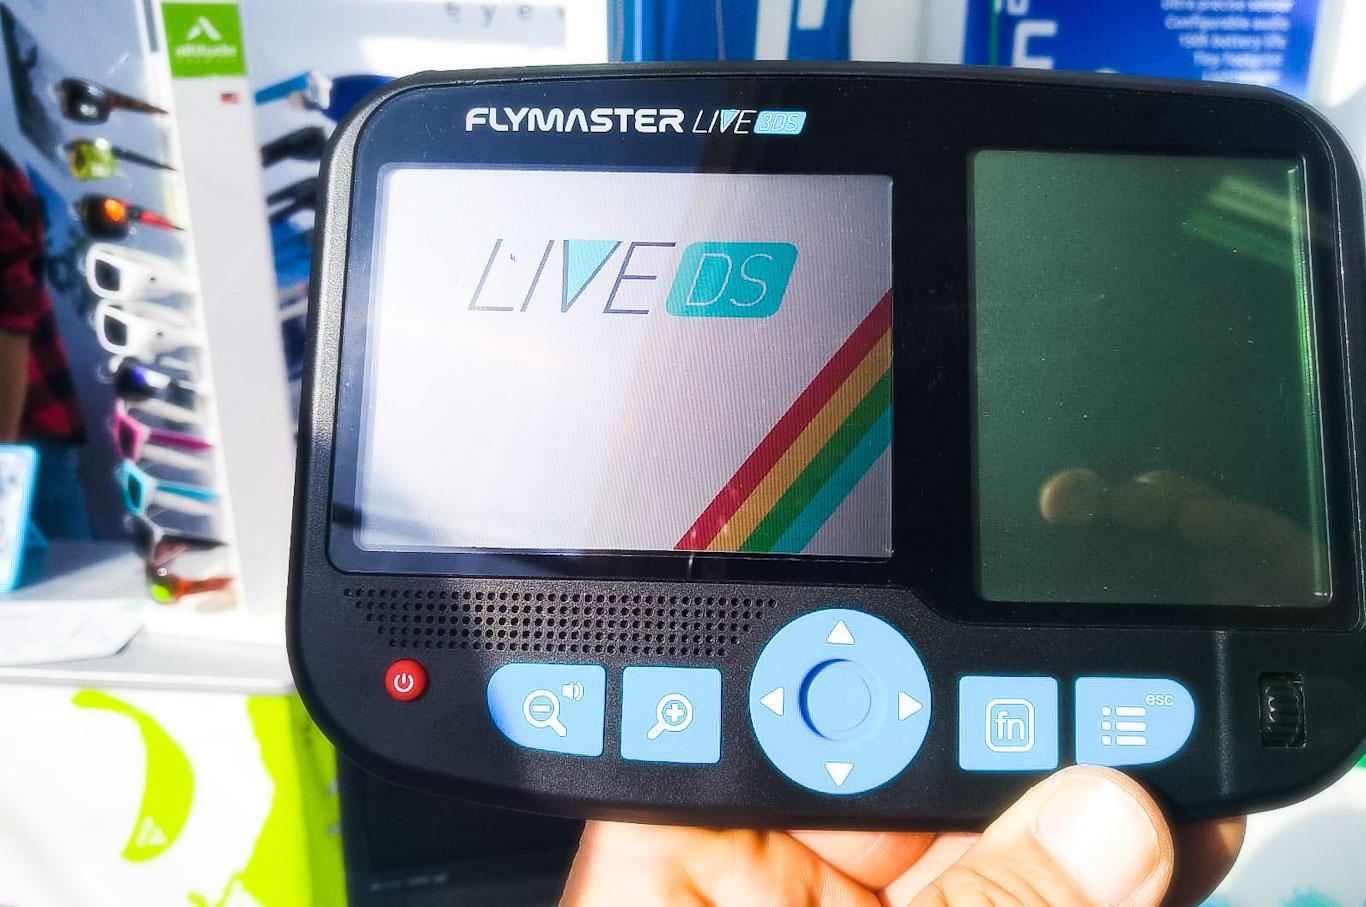 Flymaster Live 3DS